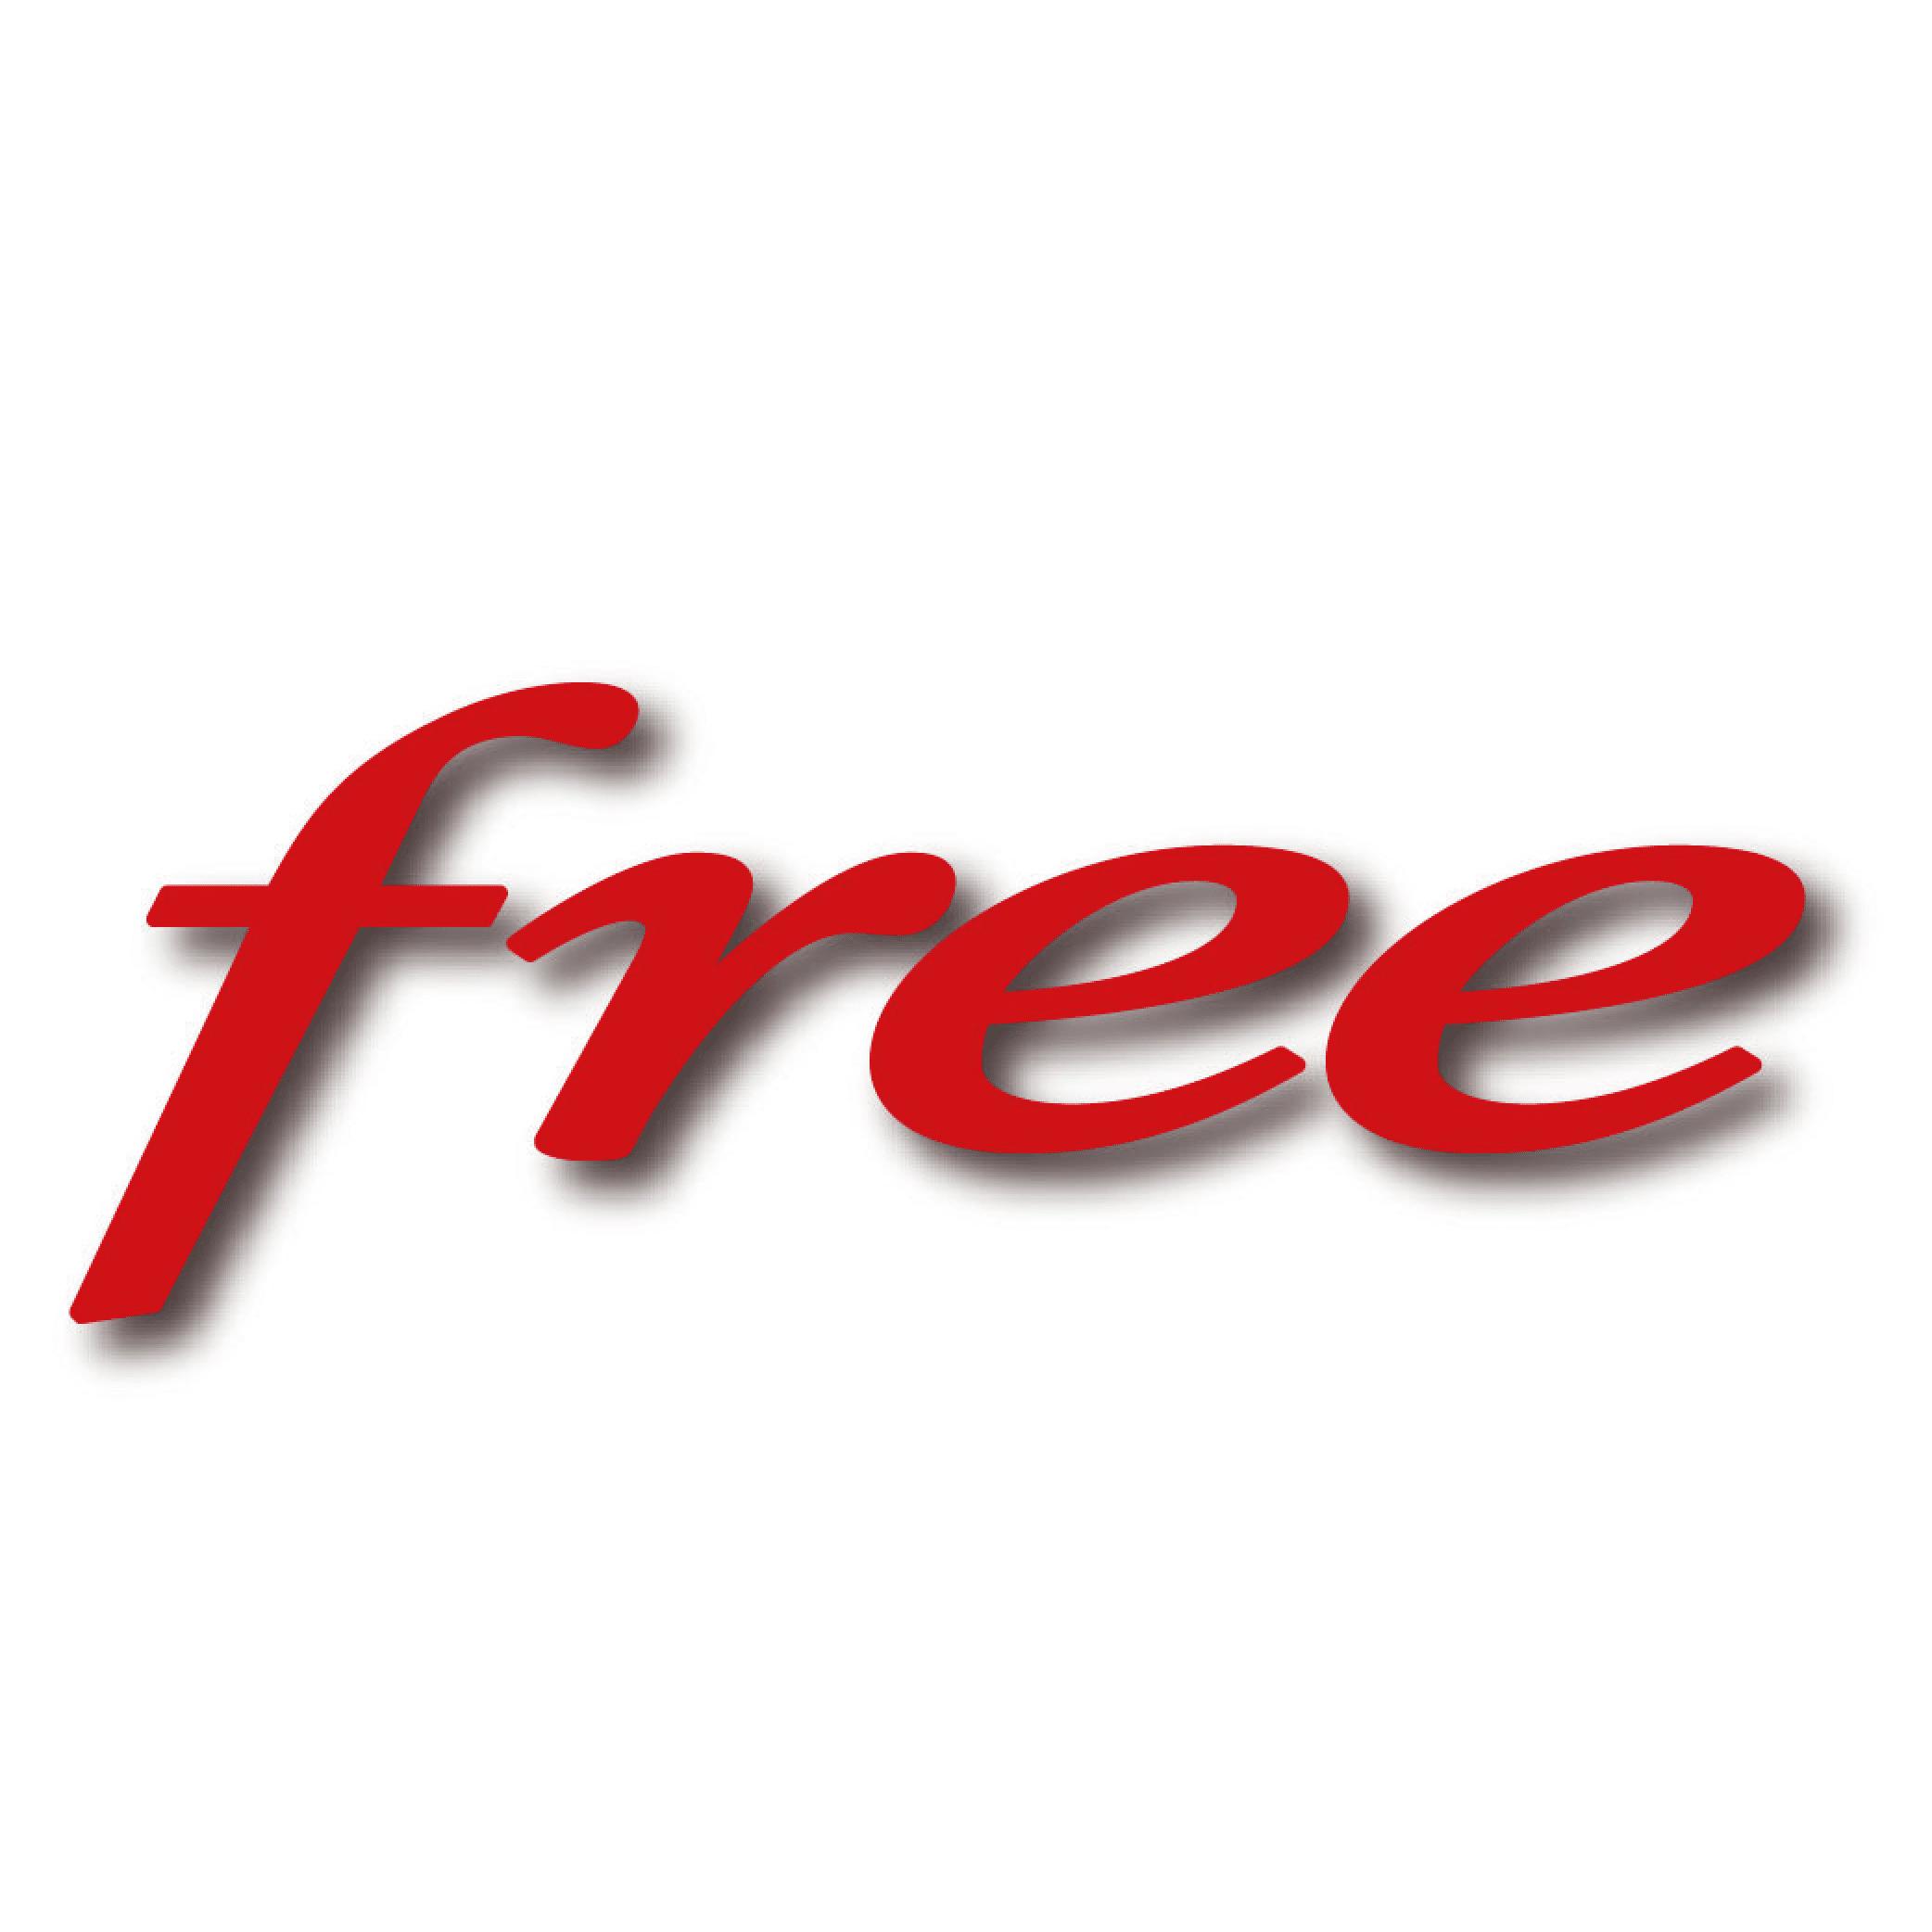 [Nouveaux clients] Abonnement mensuel à Internet Freebox Mini 4K (engagement d'un an) + 95,88€ de crédit Netflix (utilisable librement)